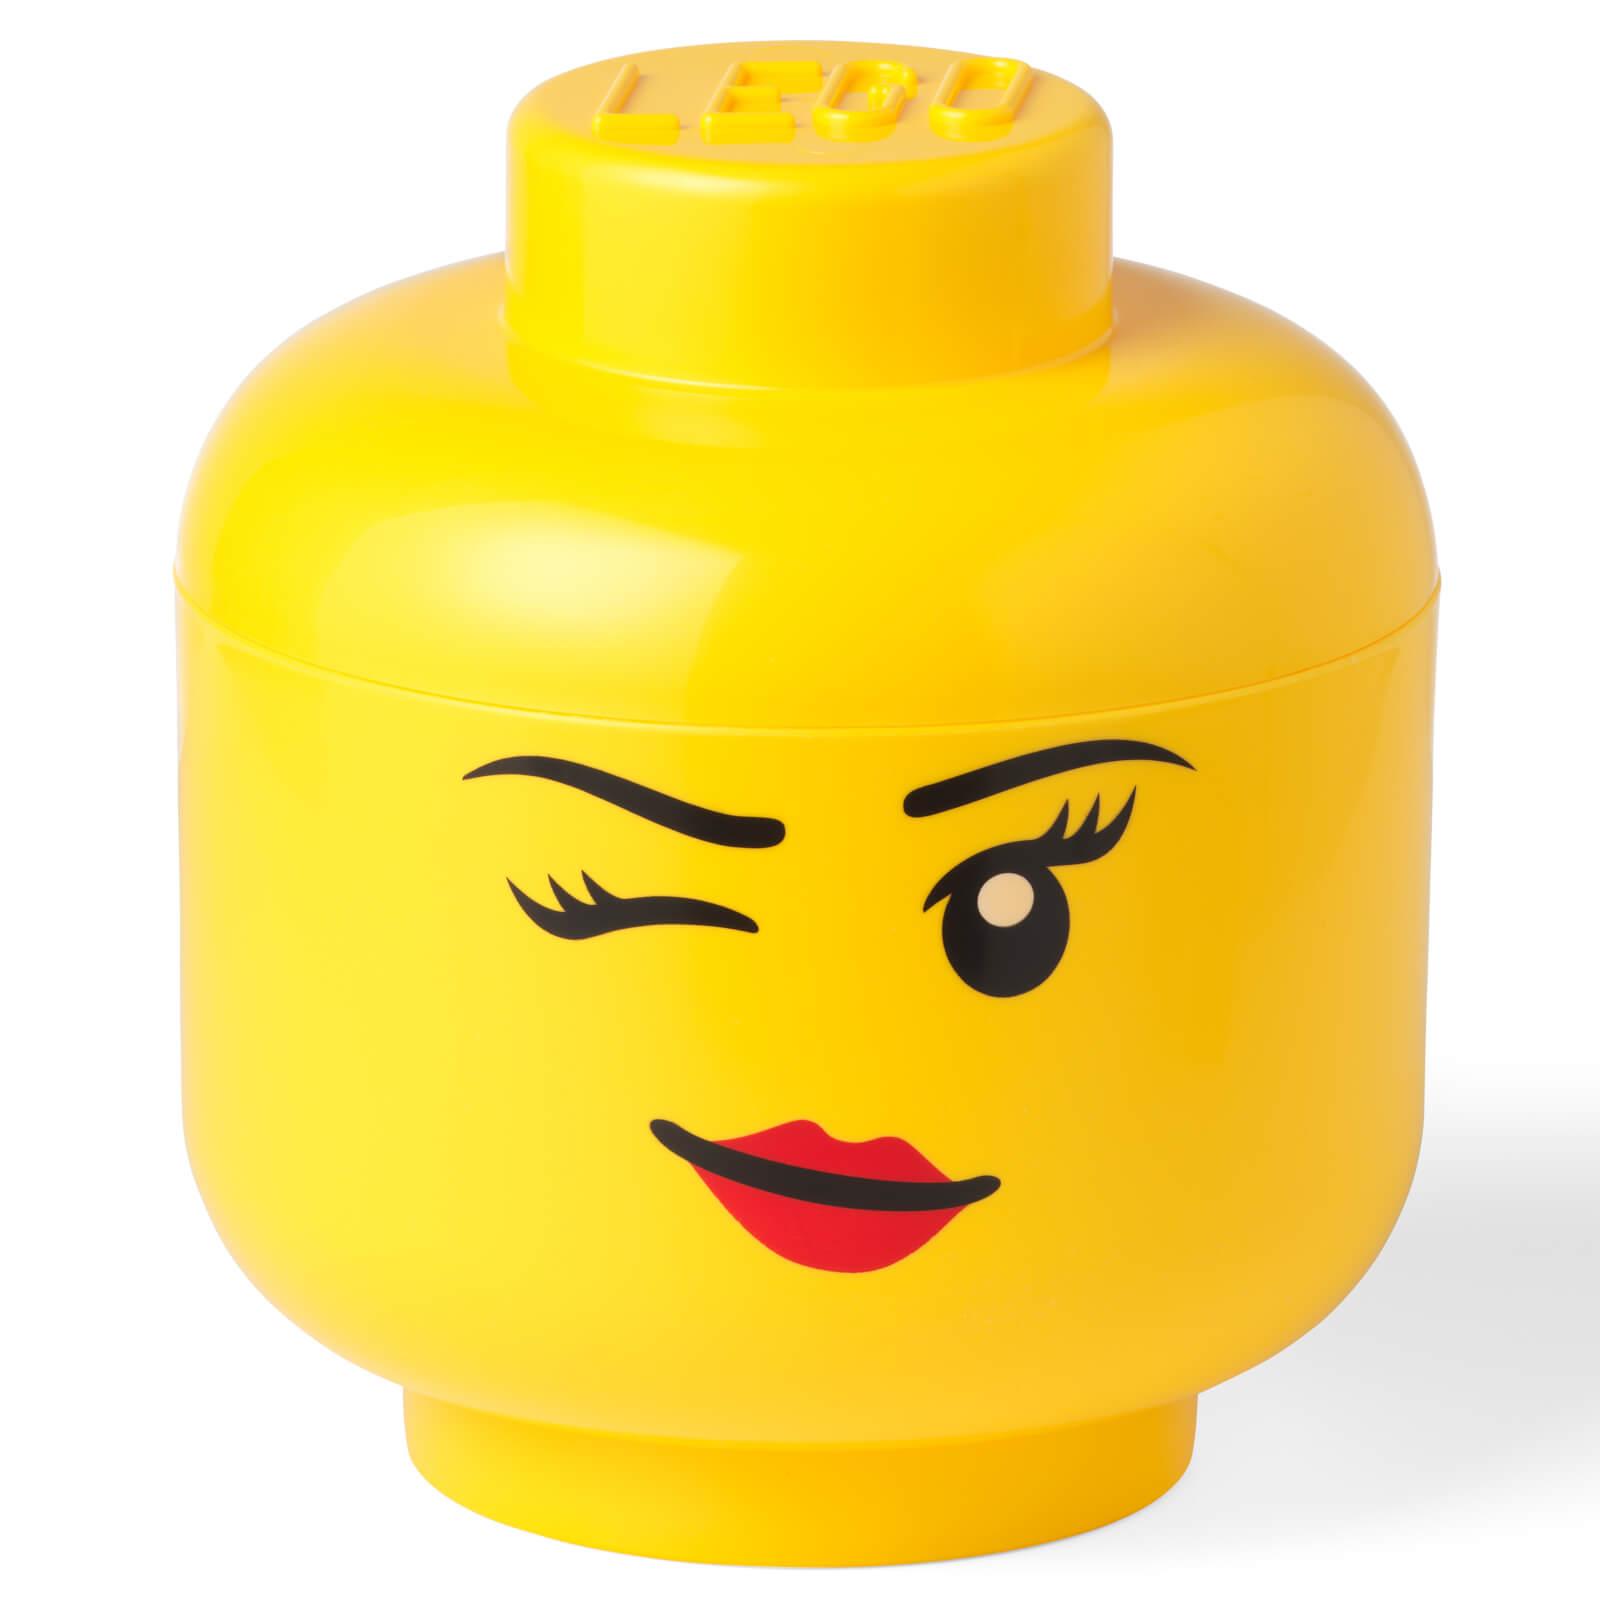 LEGO Storage Head Winky Small